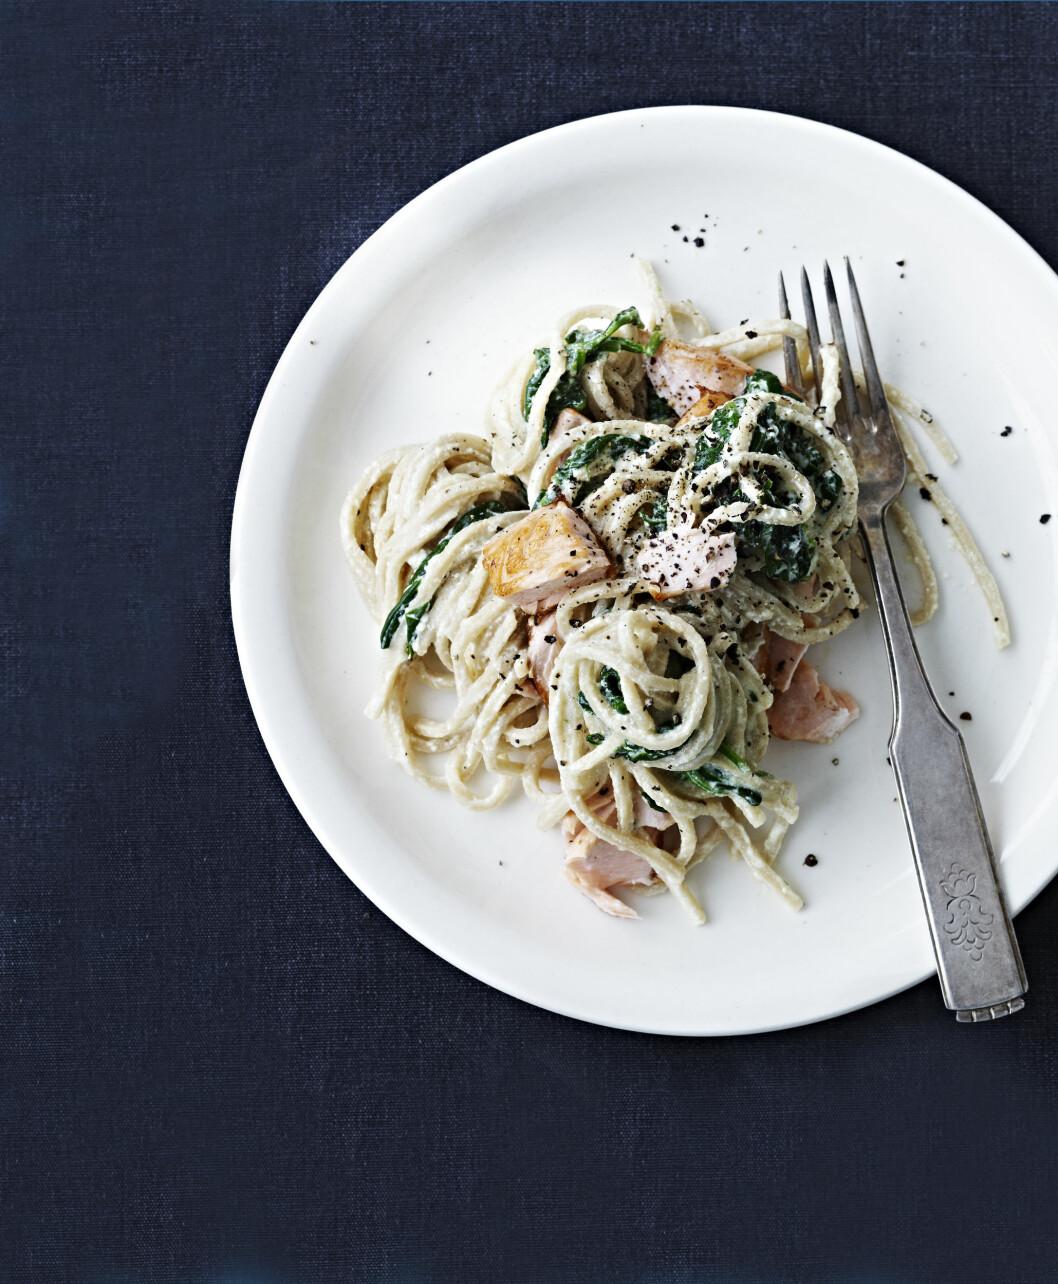 <strong>ENKEL PASTA:</strong> Enkle pastaretter er en superfavoritt! Denne smaker deilig med et raust dryss svart pepper. Foto: All Over Press